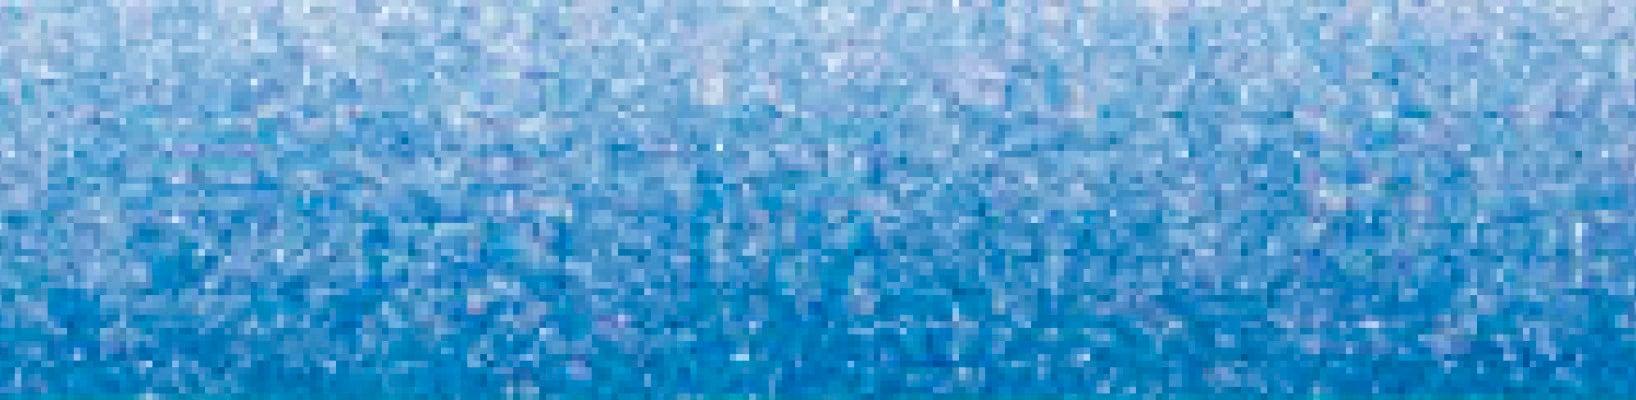 Błękit królowej metalic Nr koloru 491